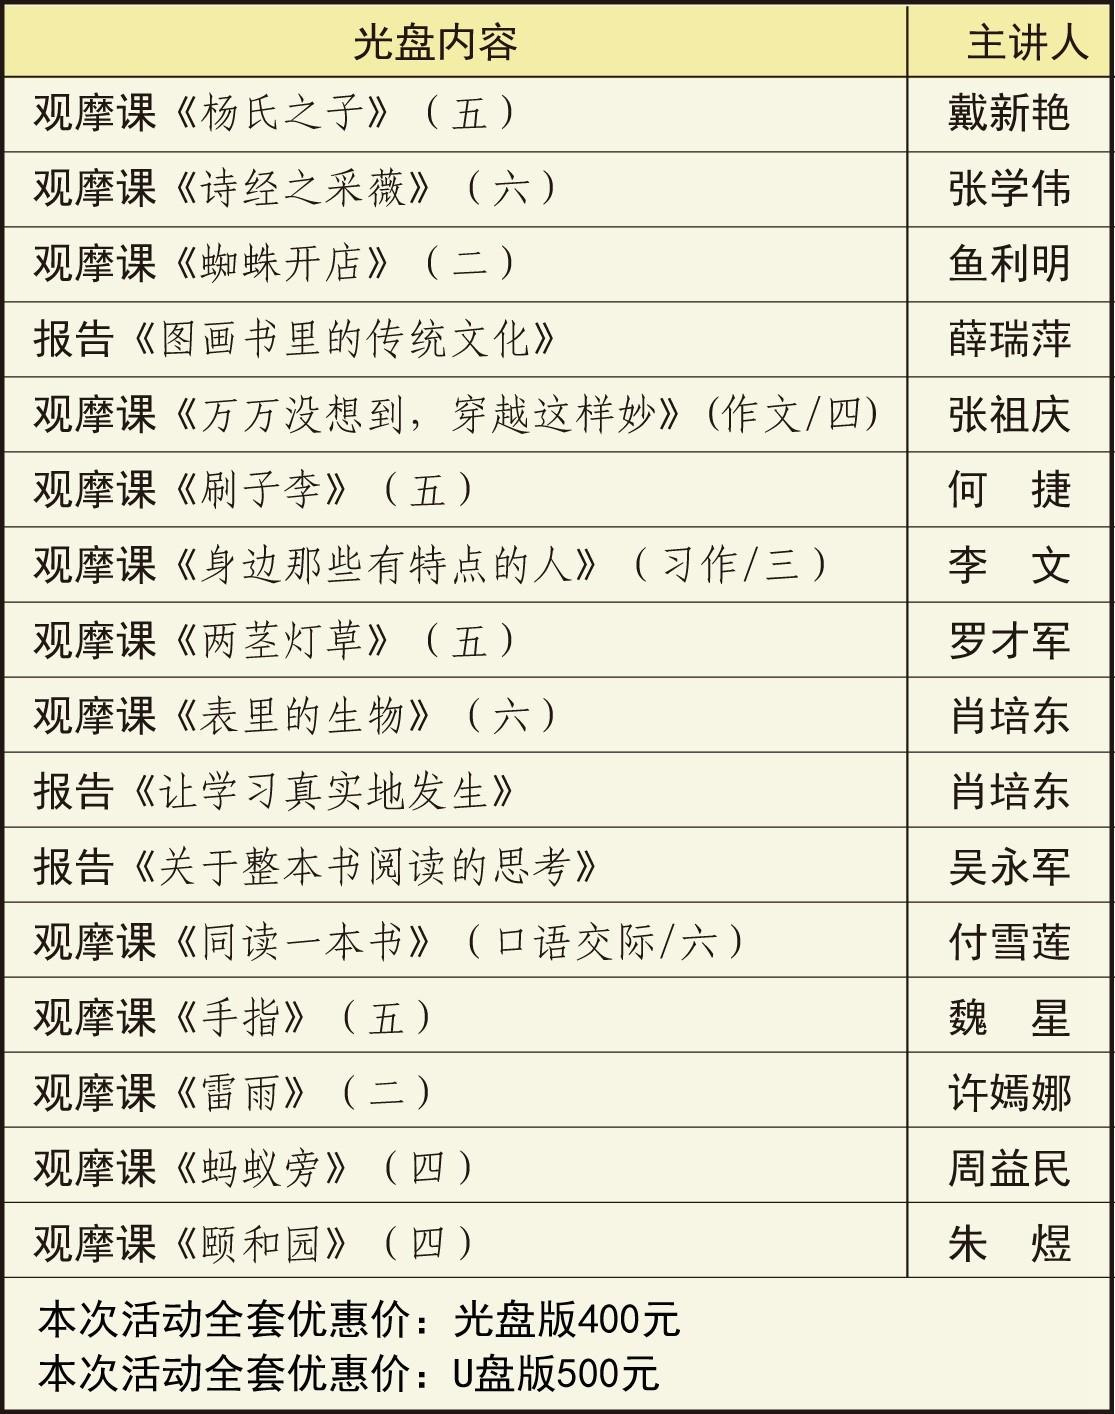 31届厦门语文光盘图.jpg